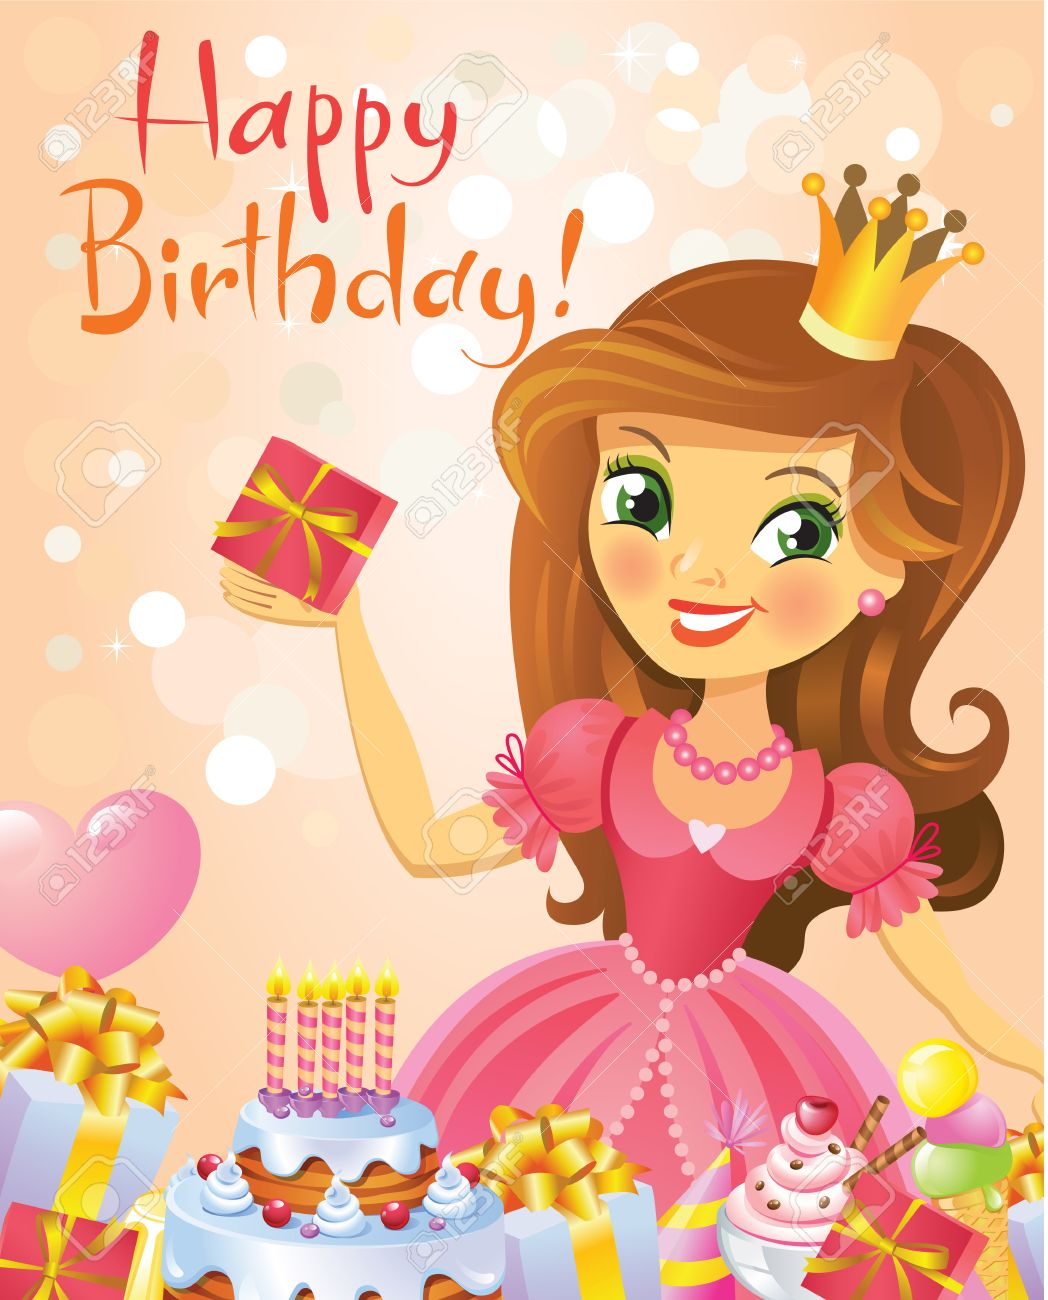 Поздравления с днем рождения девочке - картинки (30 открыток) 43